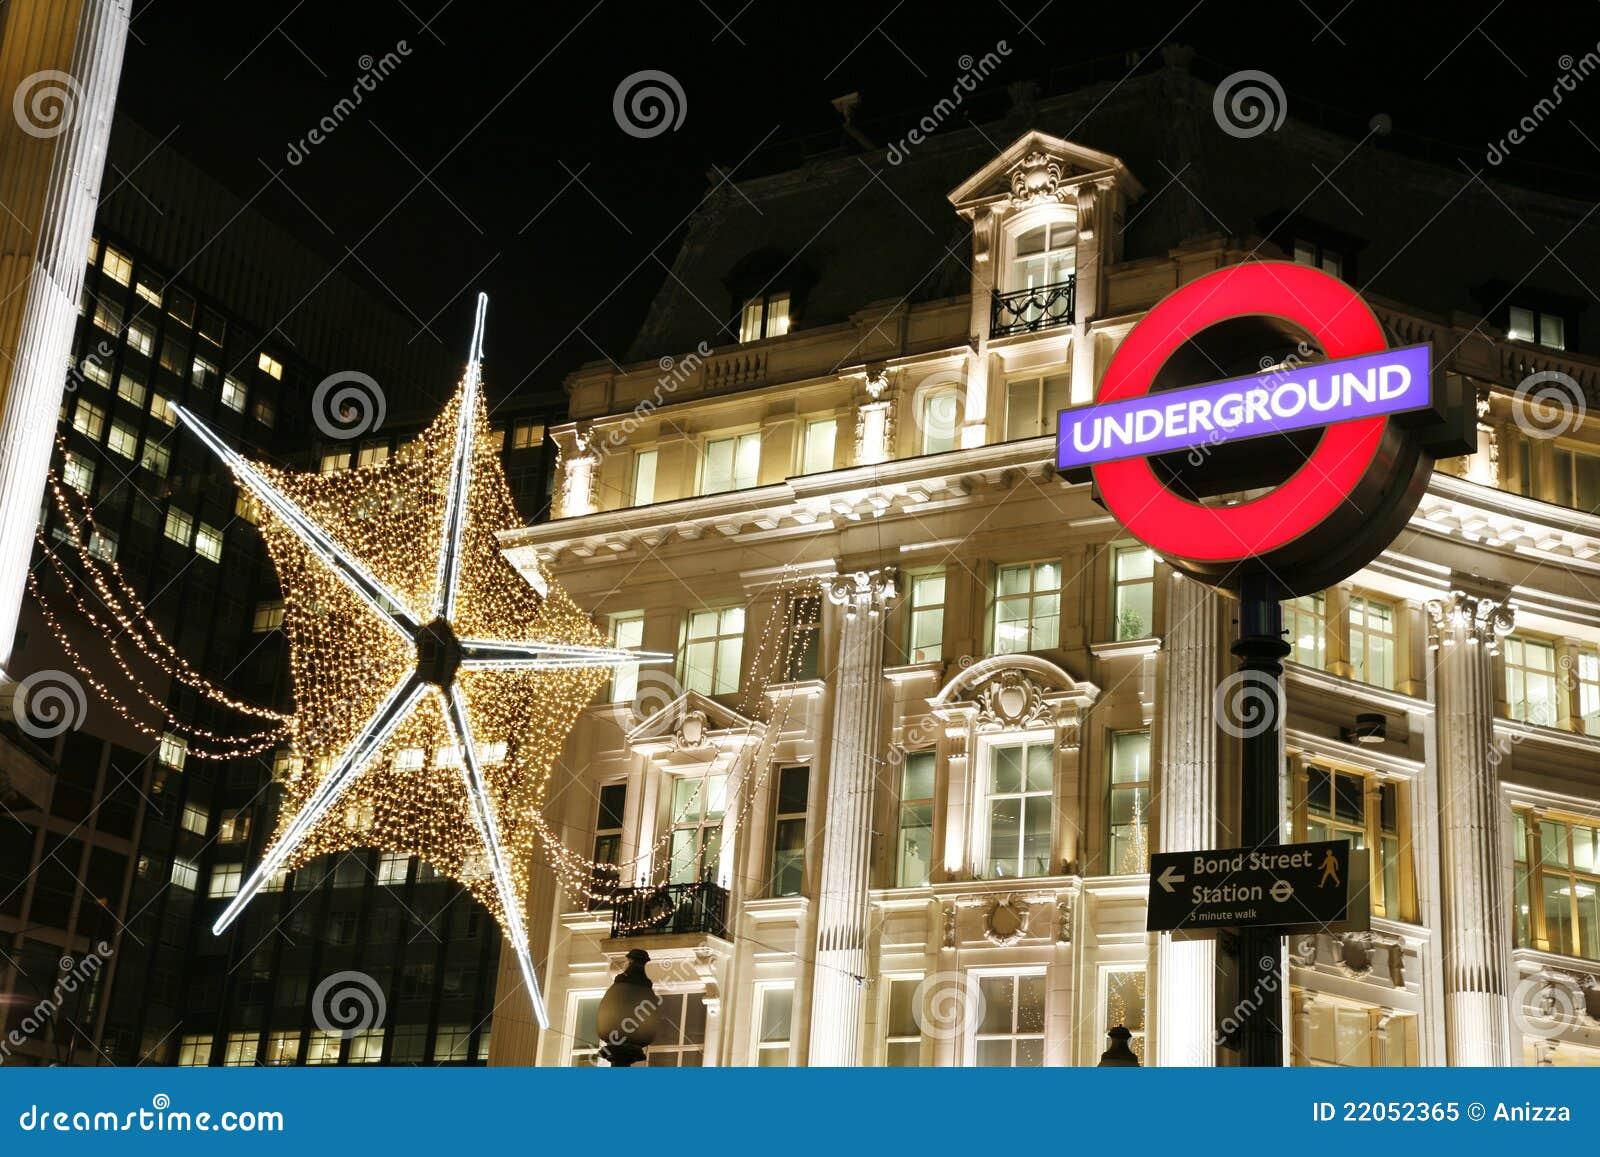 #C5061F Décoration De Noël à Londres Image éditorial Image: 22052365 5317 decorations de noel a londres 1300x957 px @ aertt.com